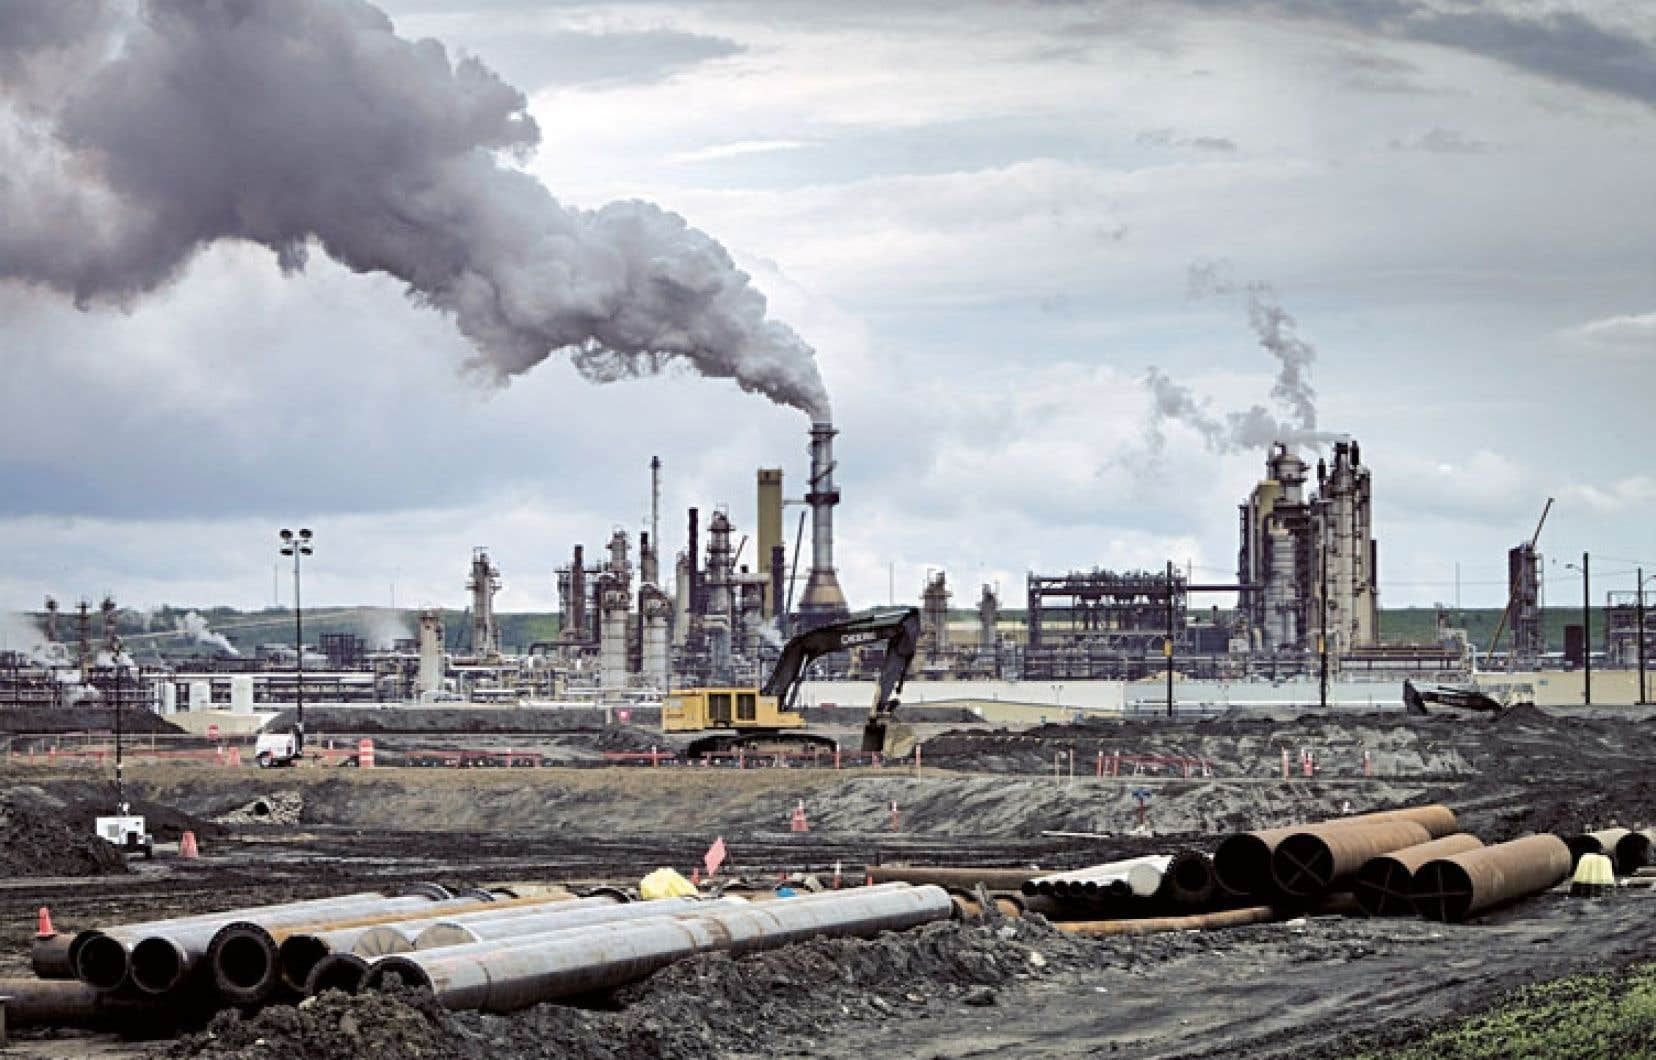 Installation pétrolière à Fort McMurray, en Alberta, comme observée par la délégation québécoise.